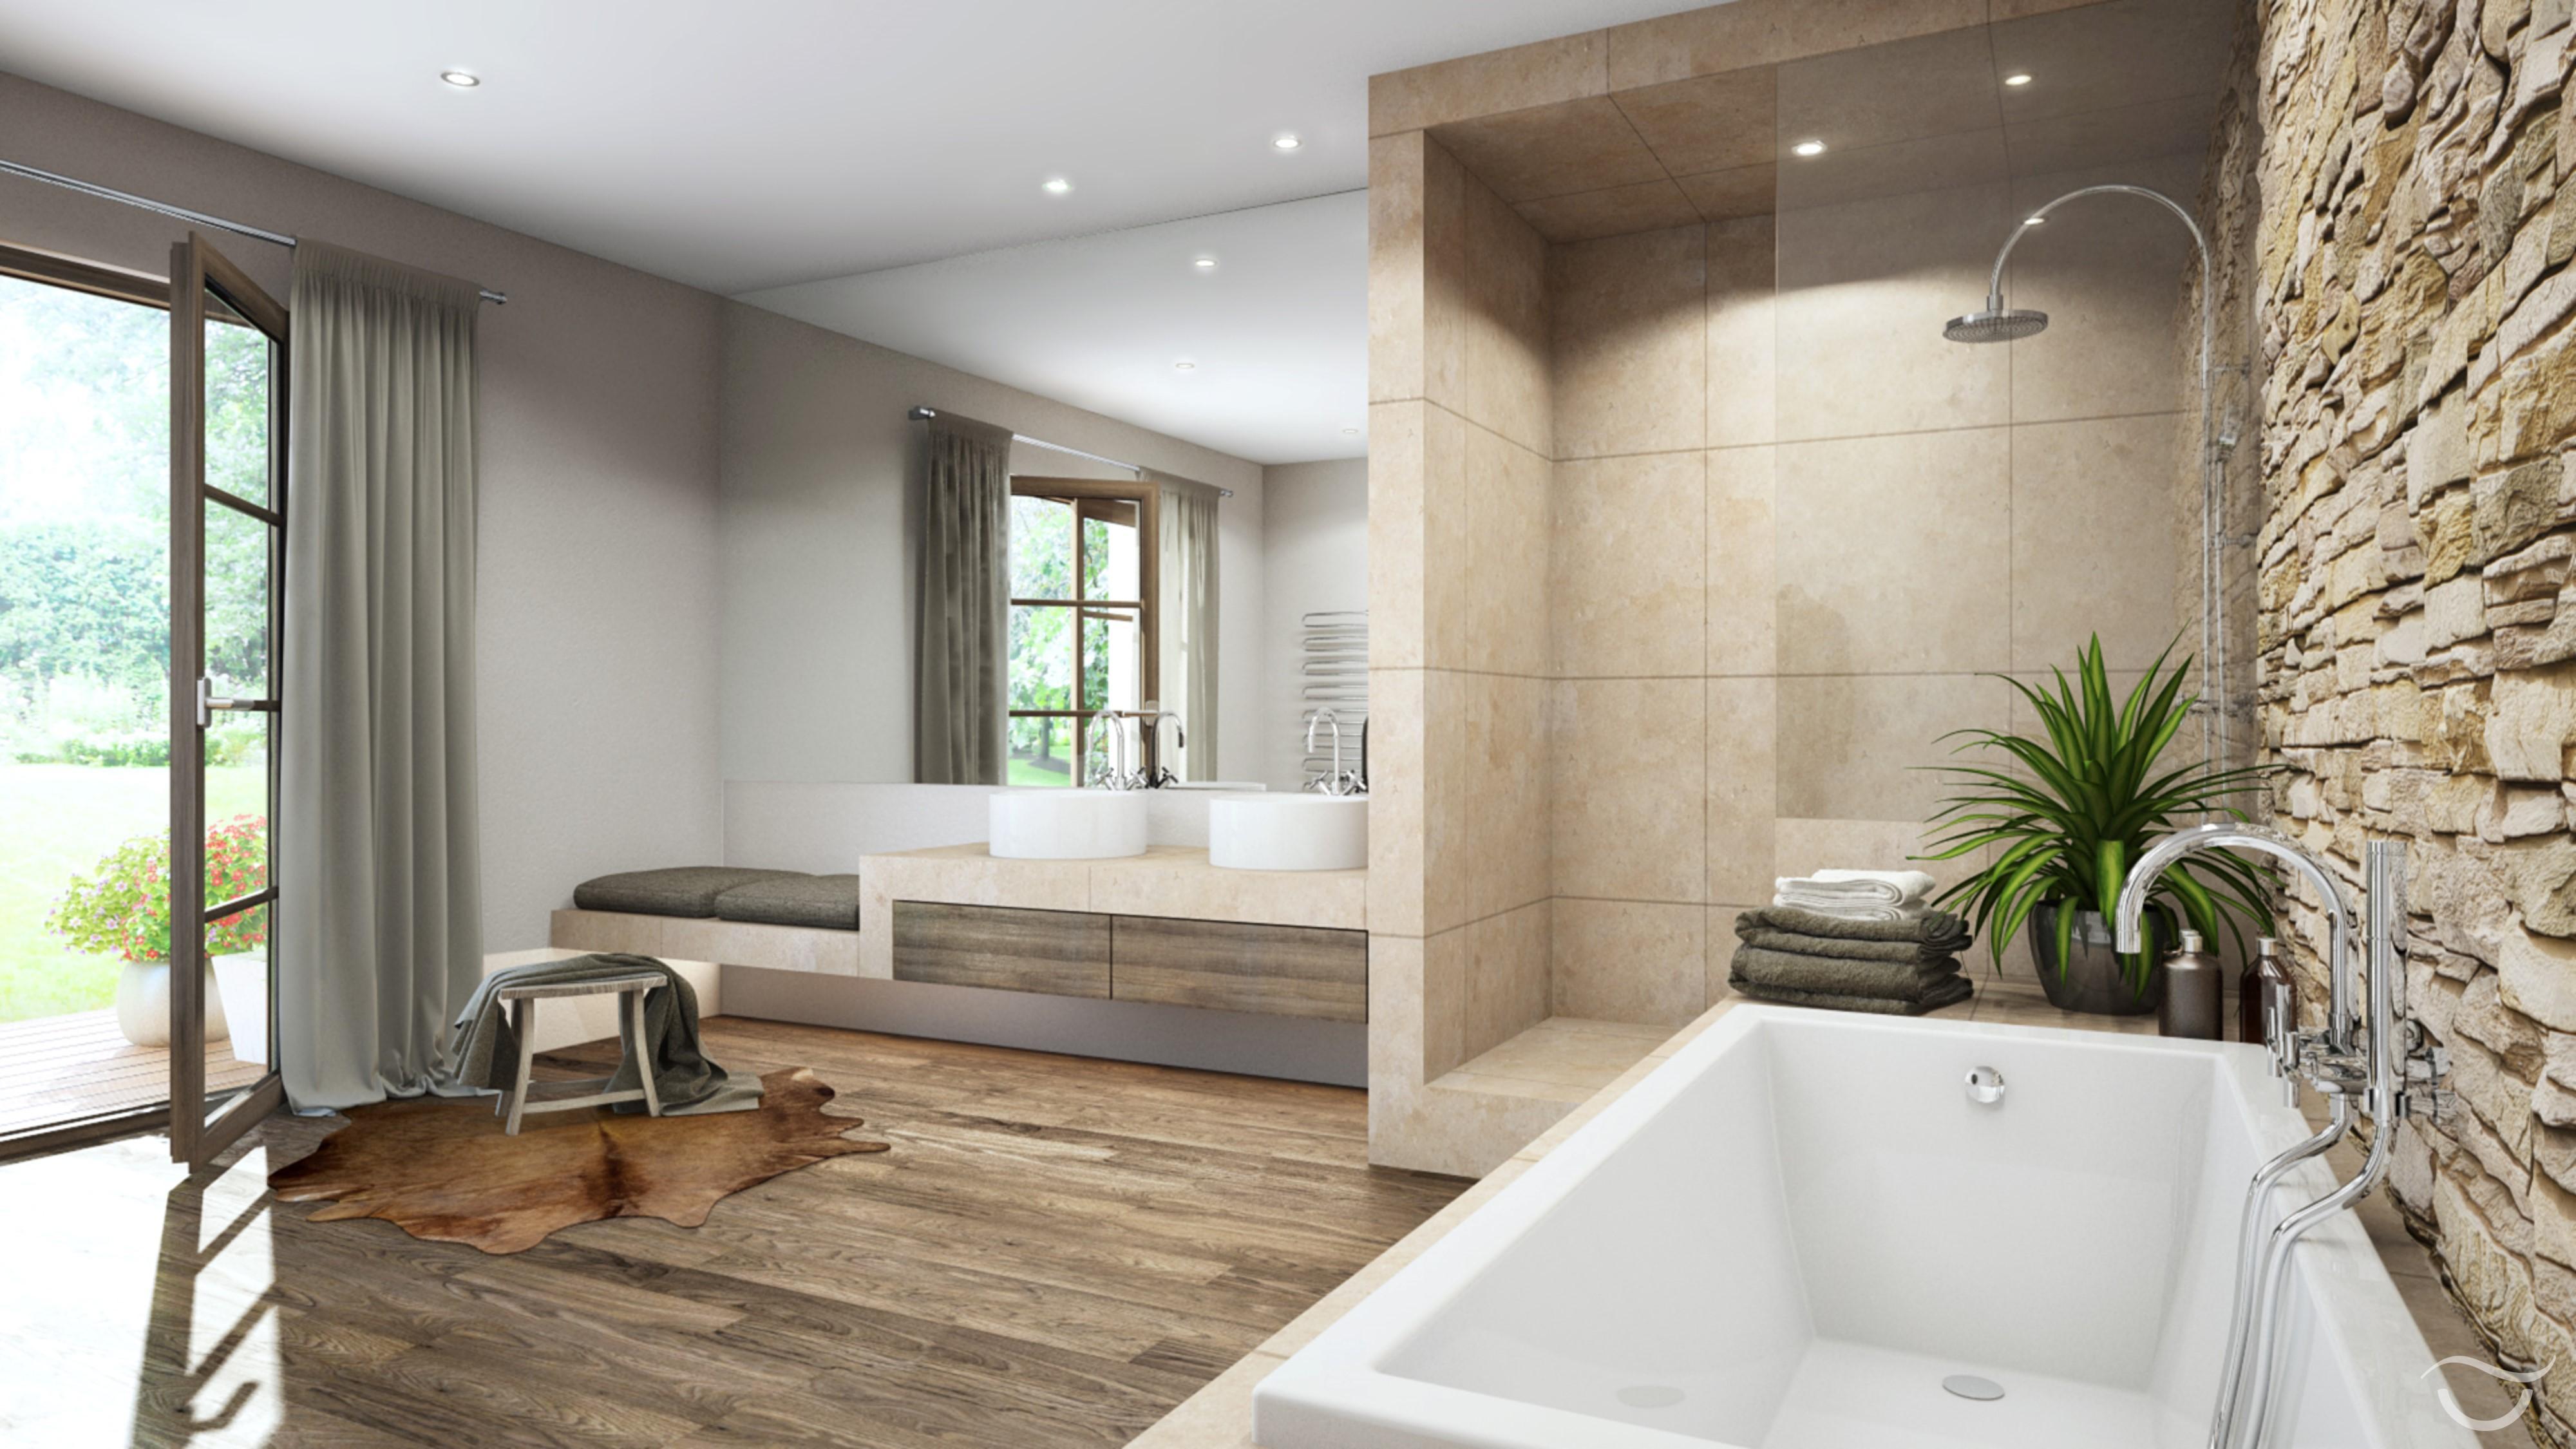 Gemütliche Atmosphäre Durch Naturmaterialien Im RUSTICO Design #badewanne # Badezimmer #steinwand #rustikal